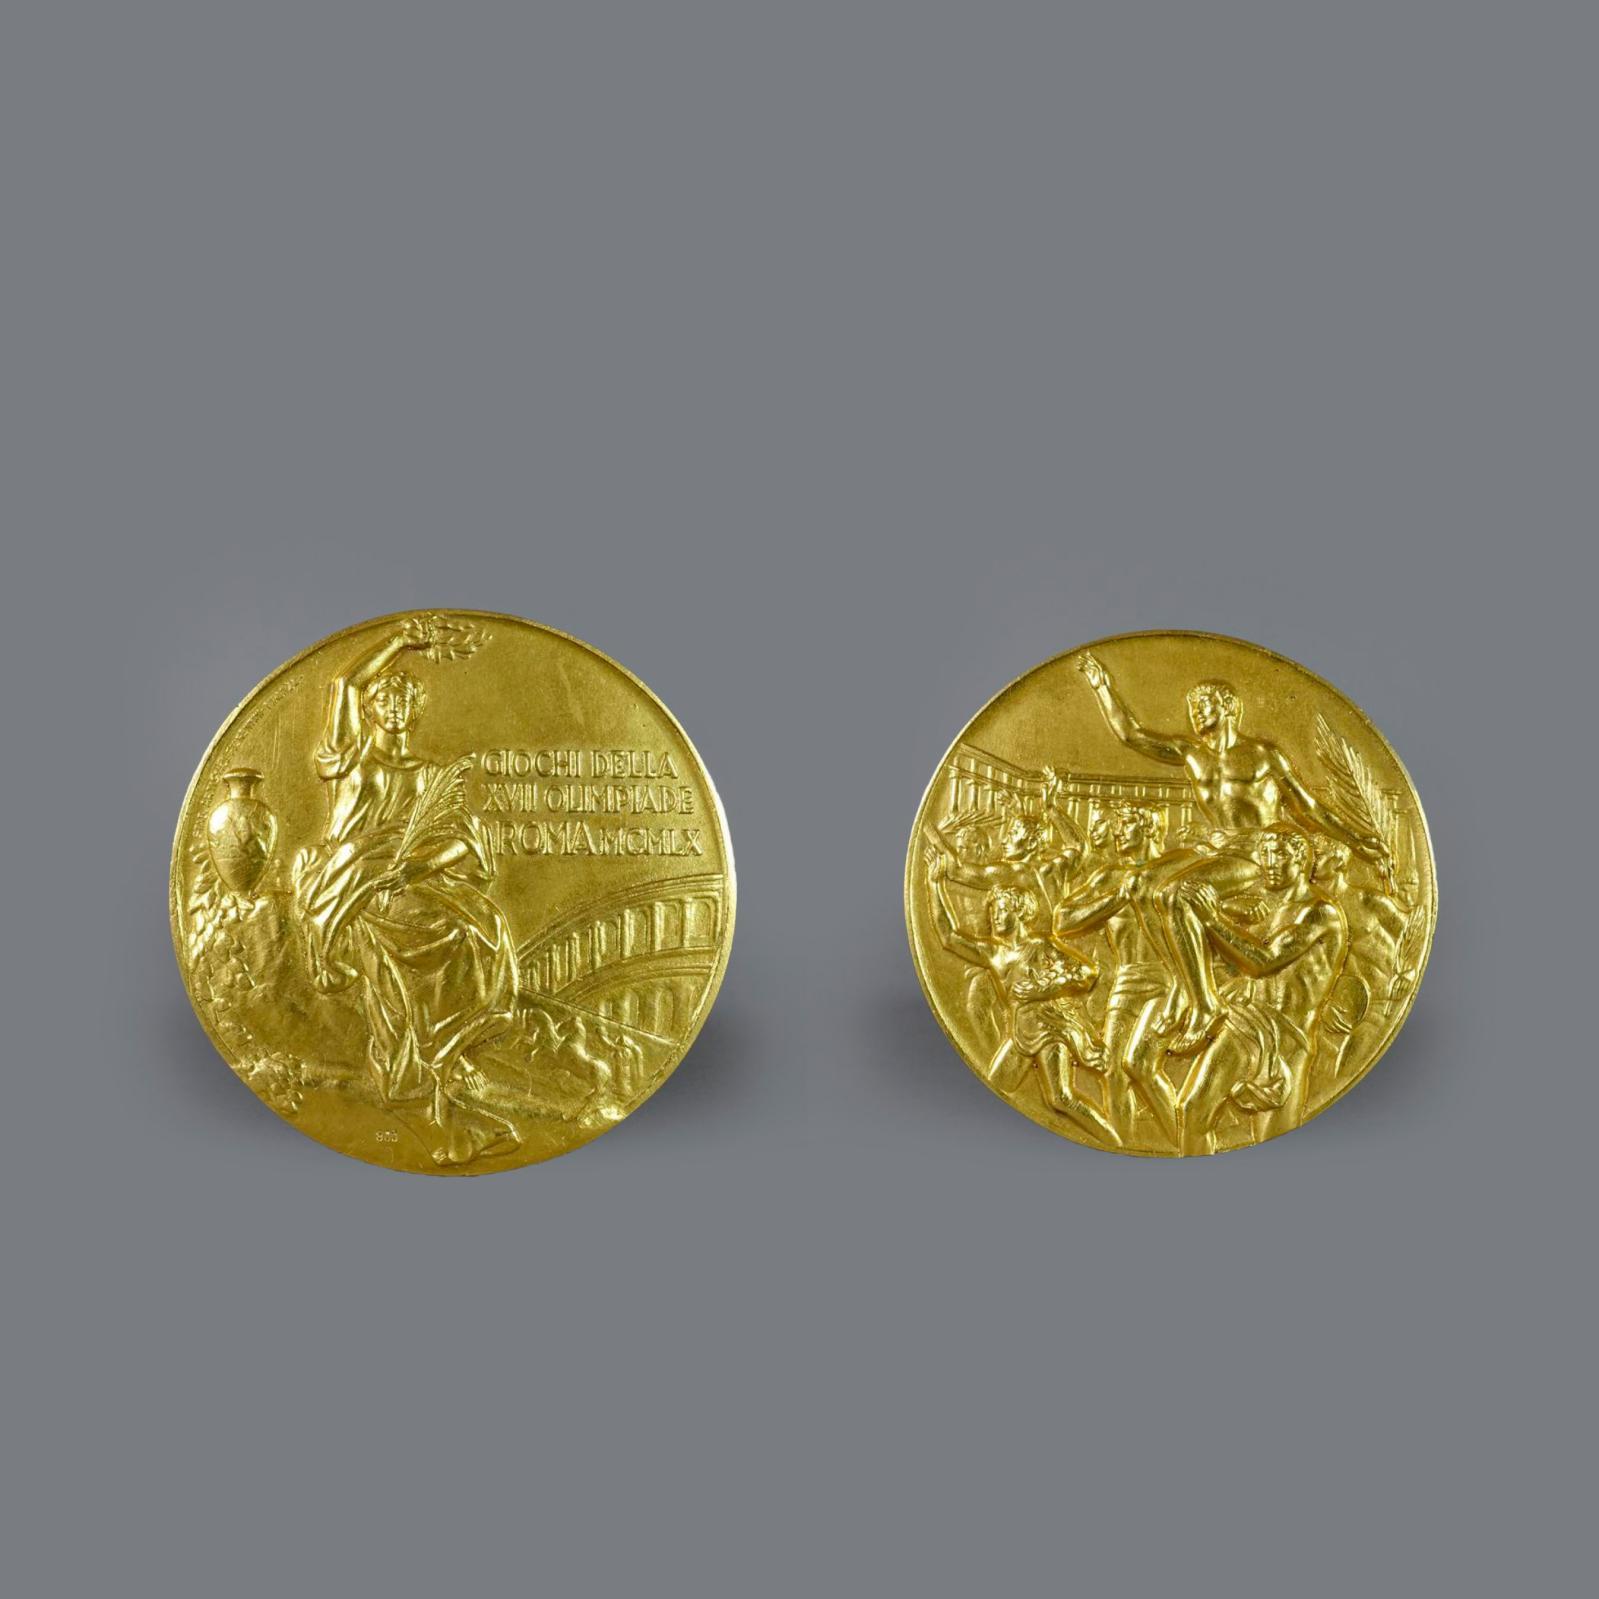 6038€ Médaille d'or des vainqueursdes Jeux de Rome en 1960, vermeil, diam.5,2cm, poids83g.Drouot, 11mars 2017.Mirabaud - Mercier